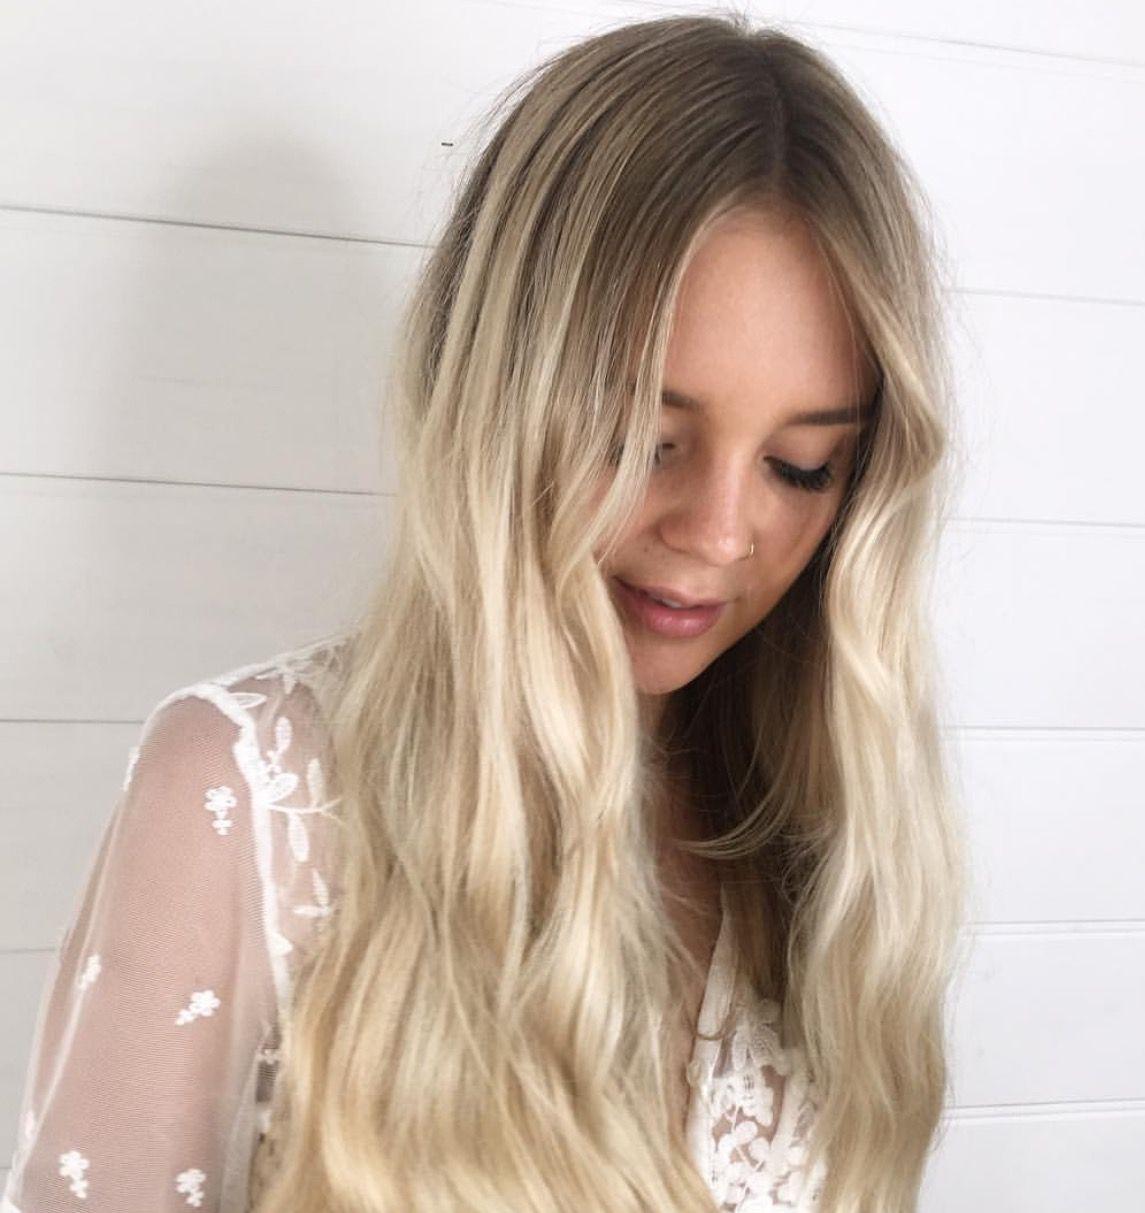 Creamy blonde Creamy blonde, Blonde, Hair